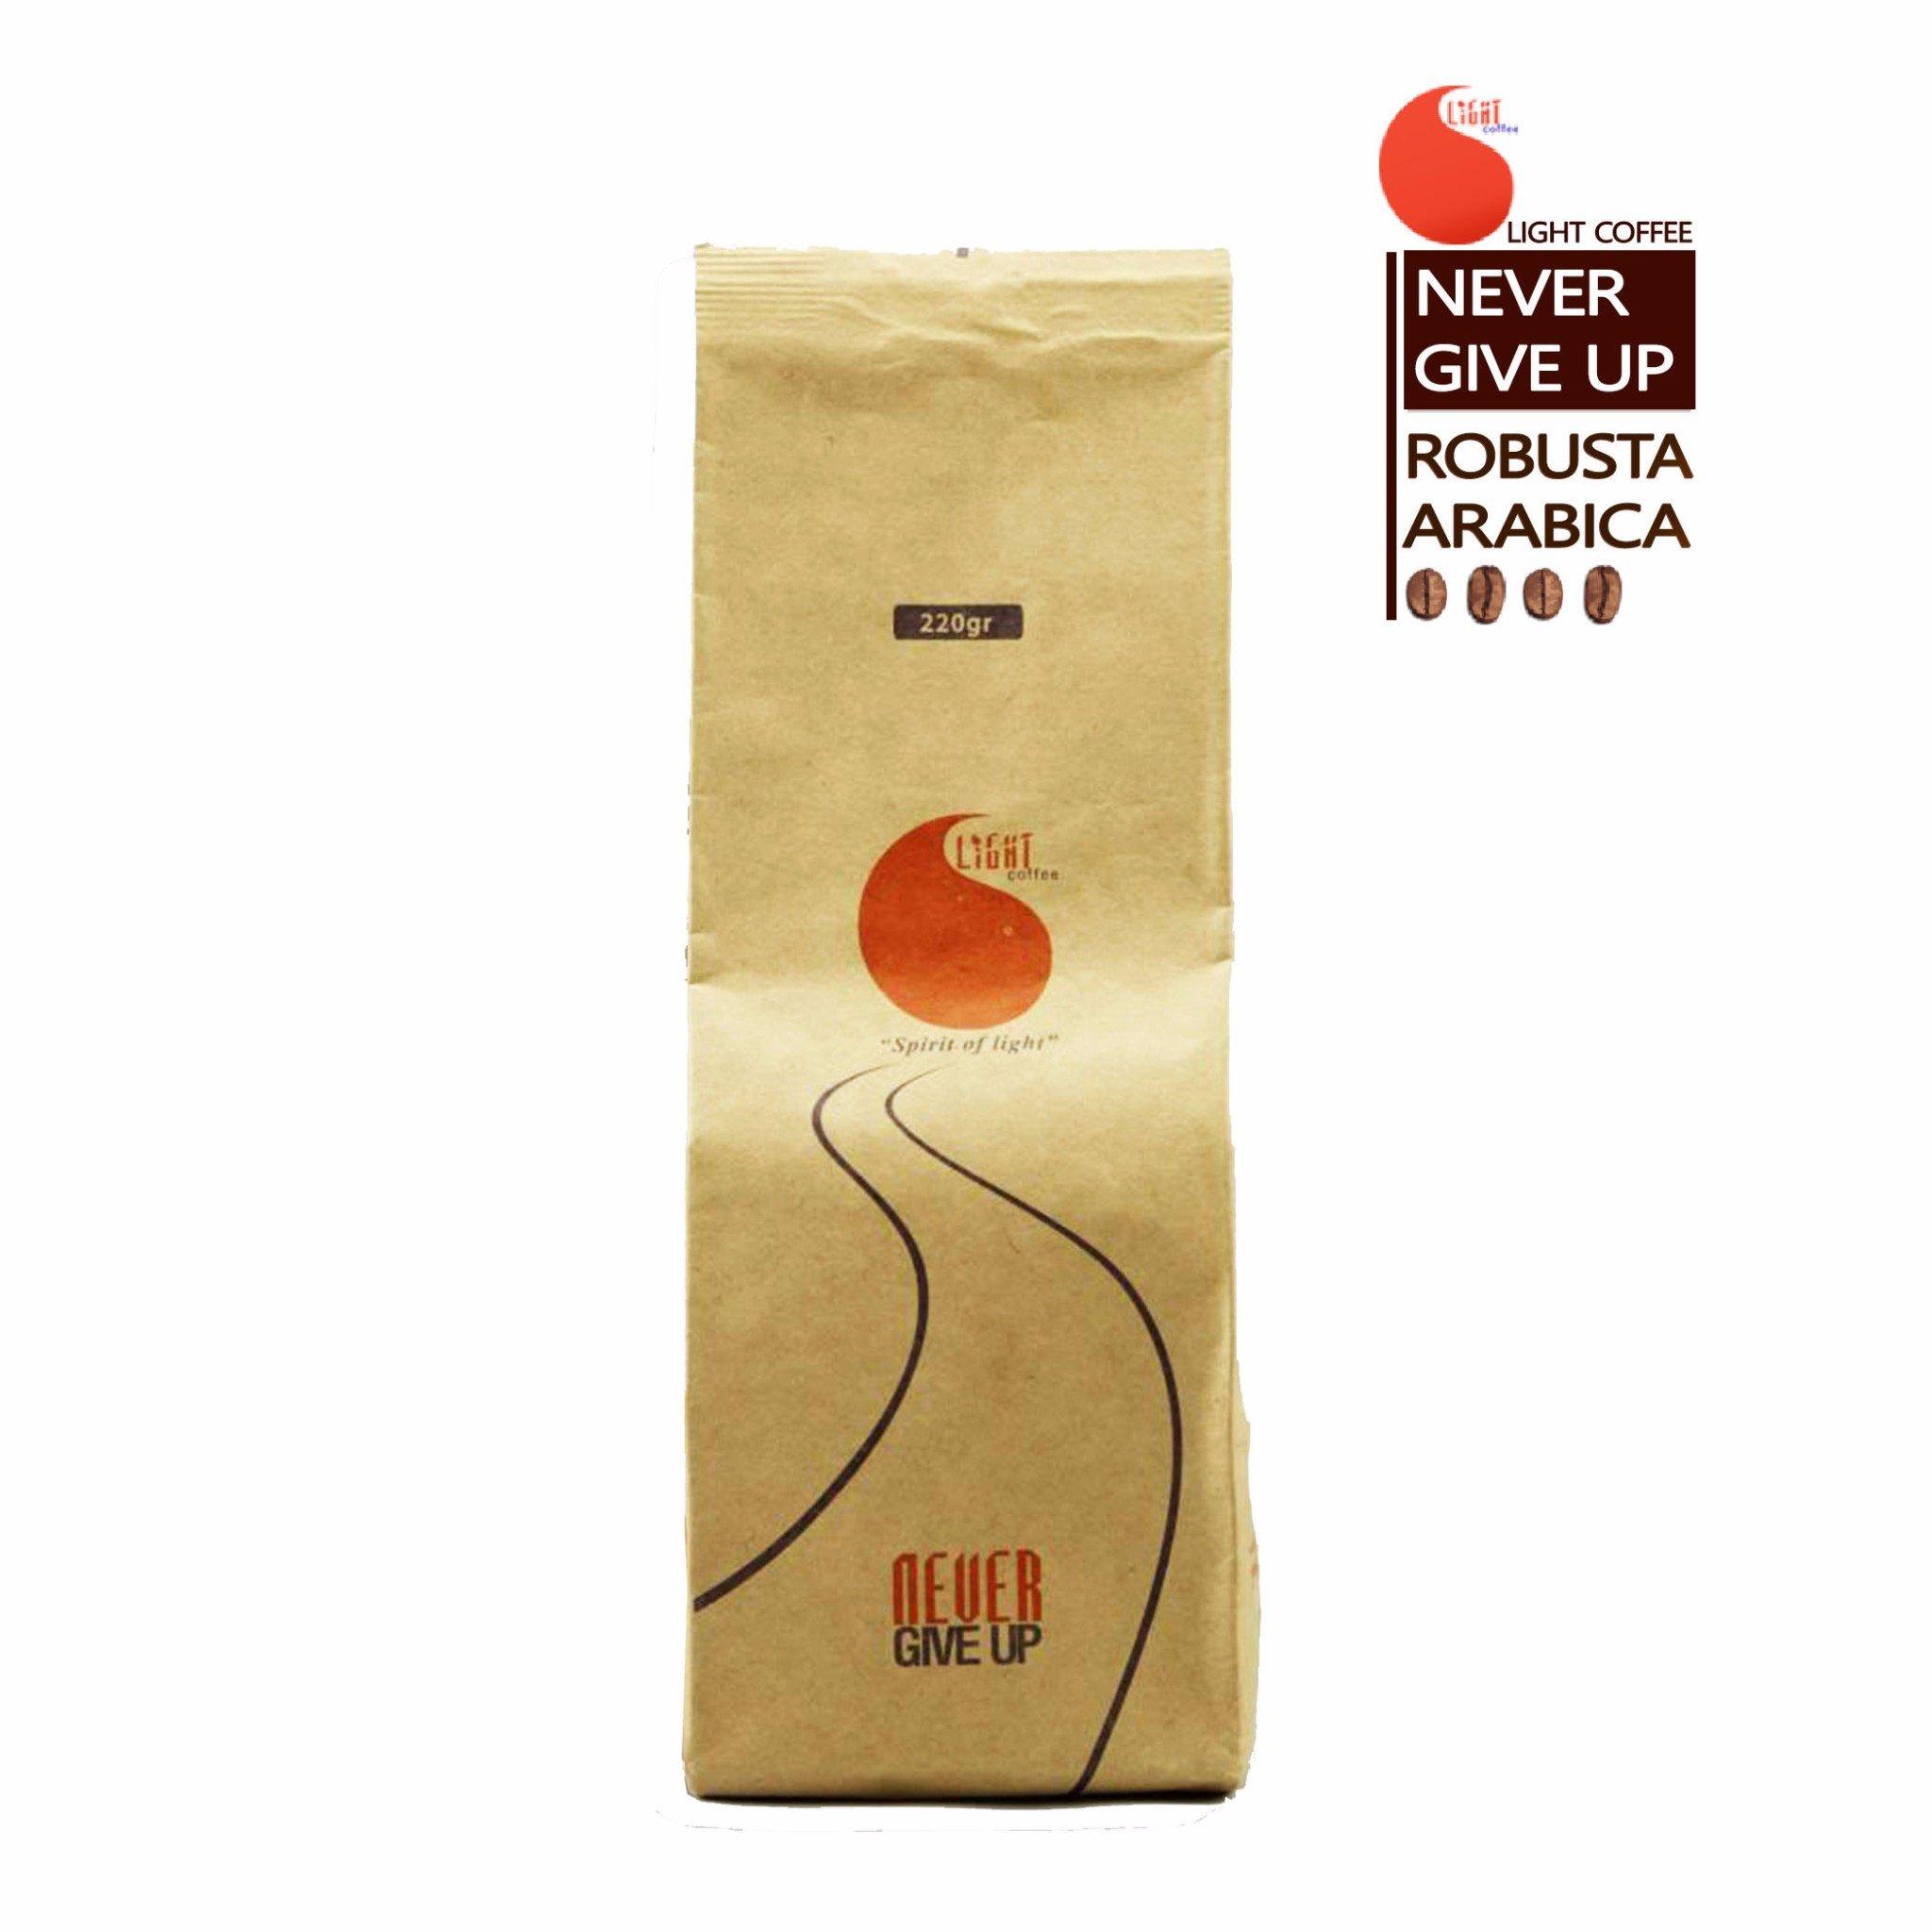 220gr Cà Phê Bột Nguyên Chất 100% - Light Coffee